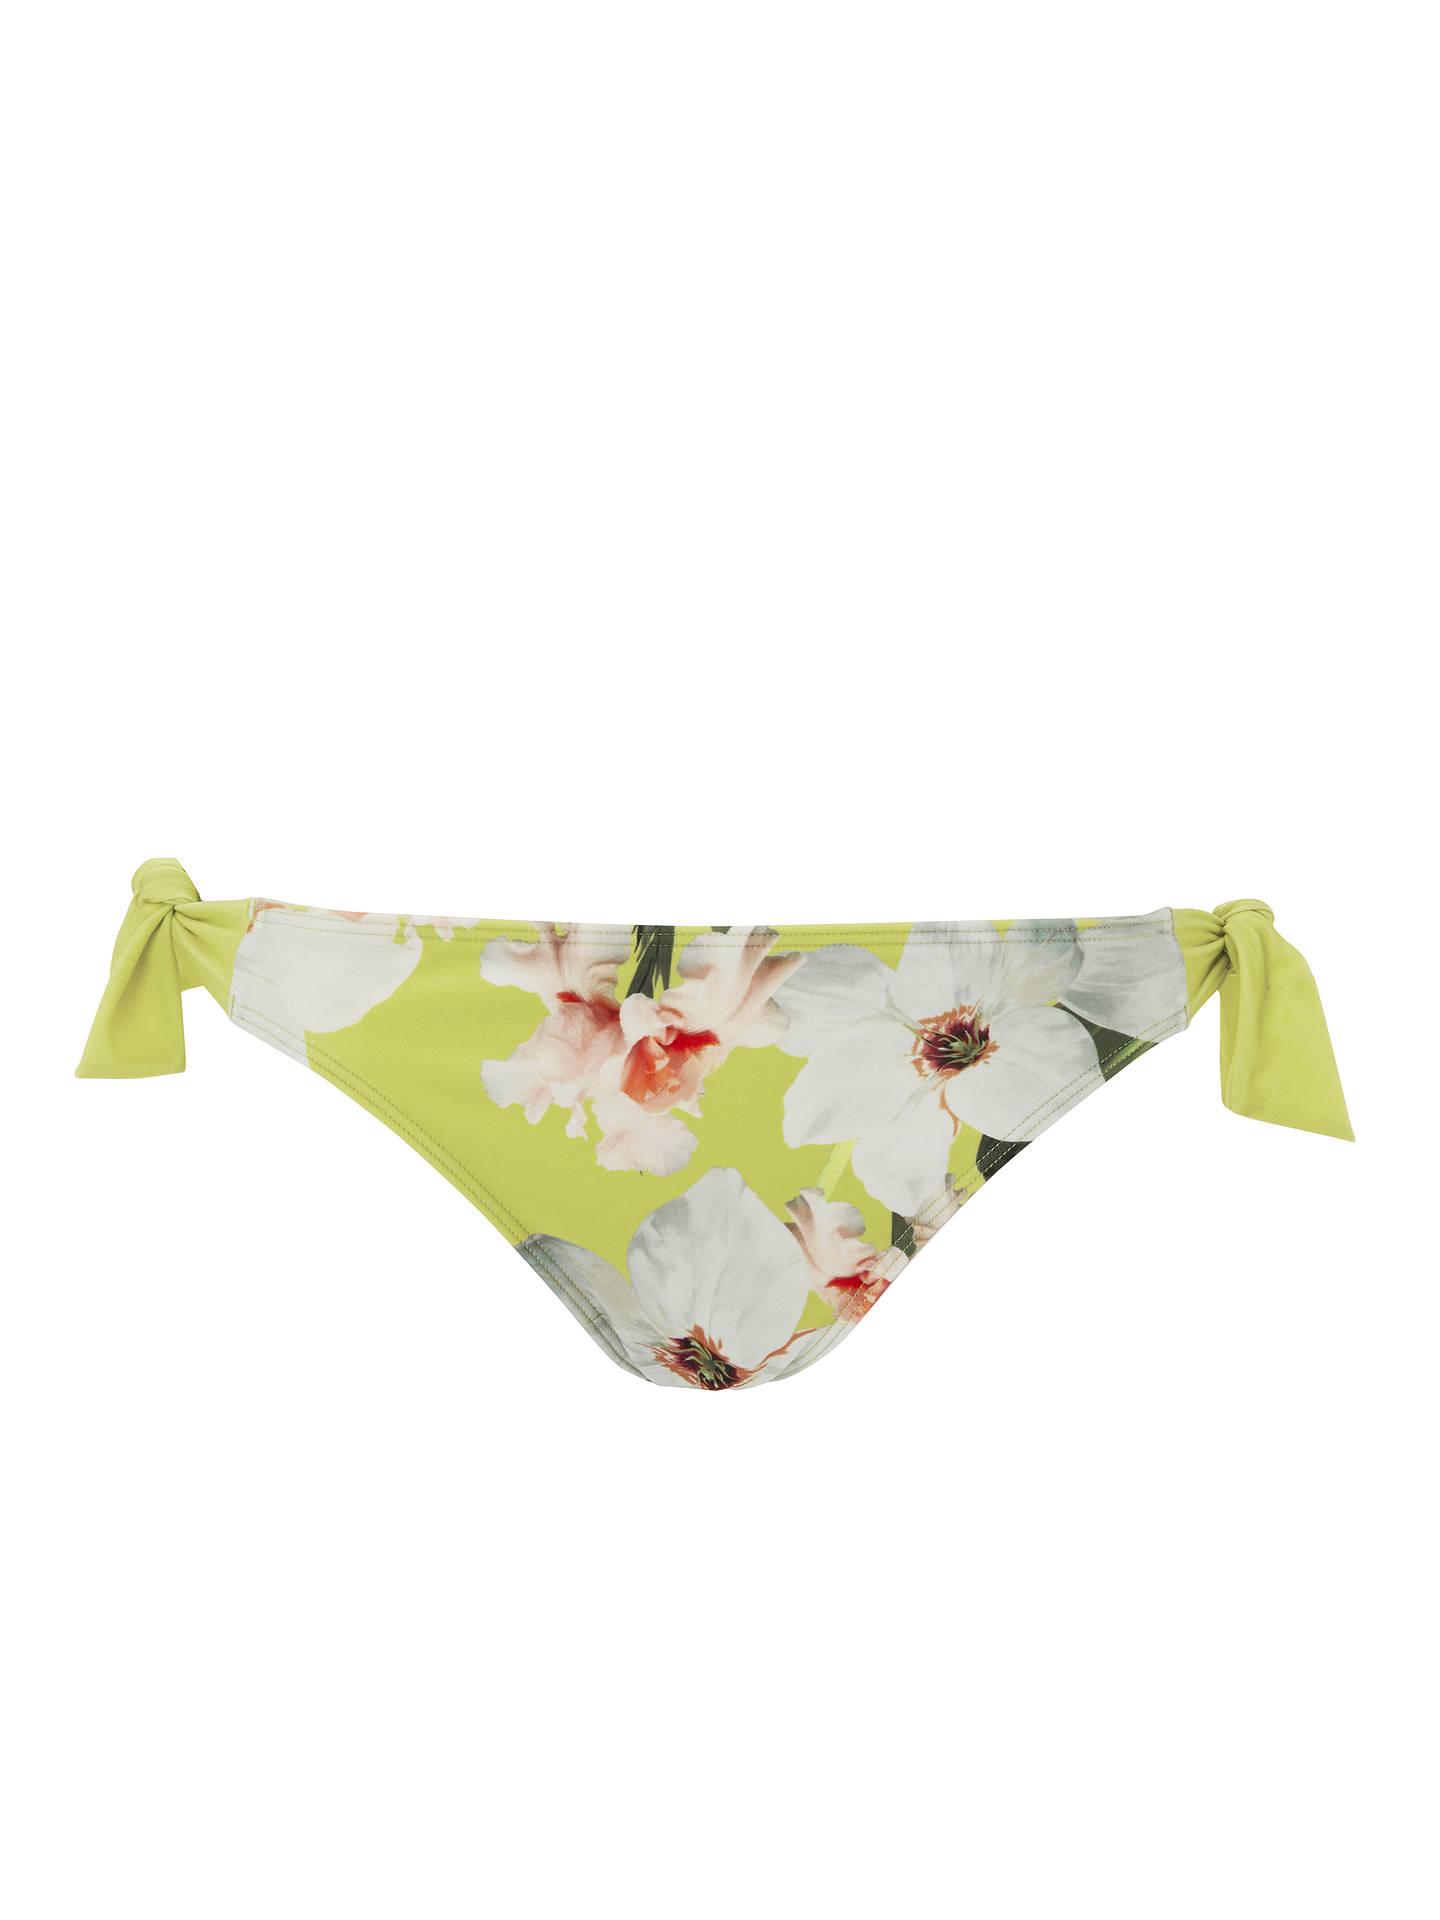 073a0f730fd ... Buy Ted Baker Tuello Chatsworth Bloom Tie Side Bikini Briefs,  Green/Multi, 1 ...